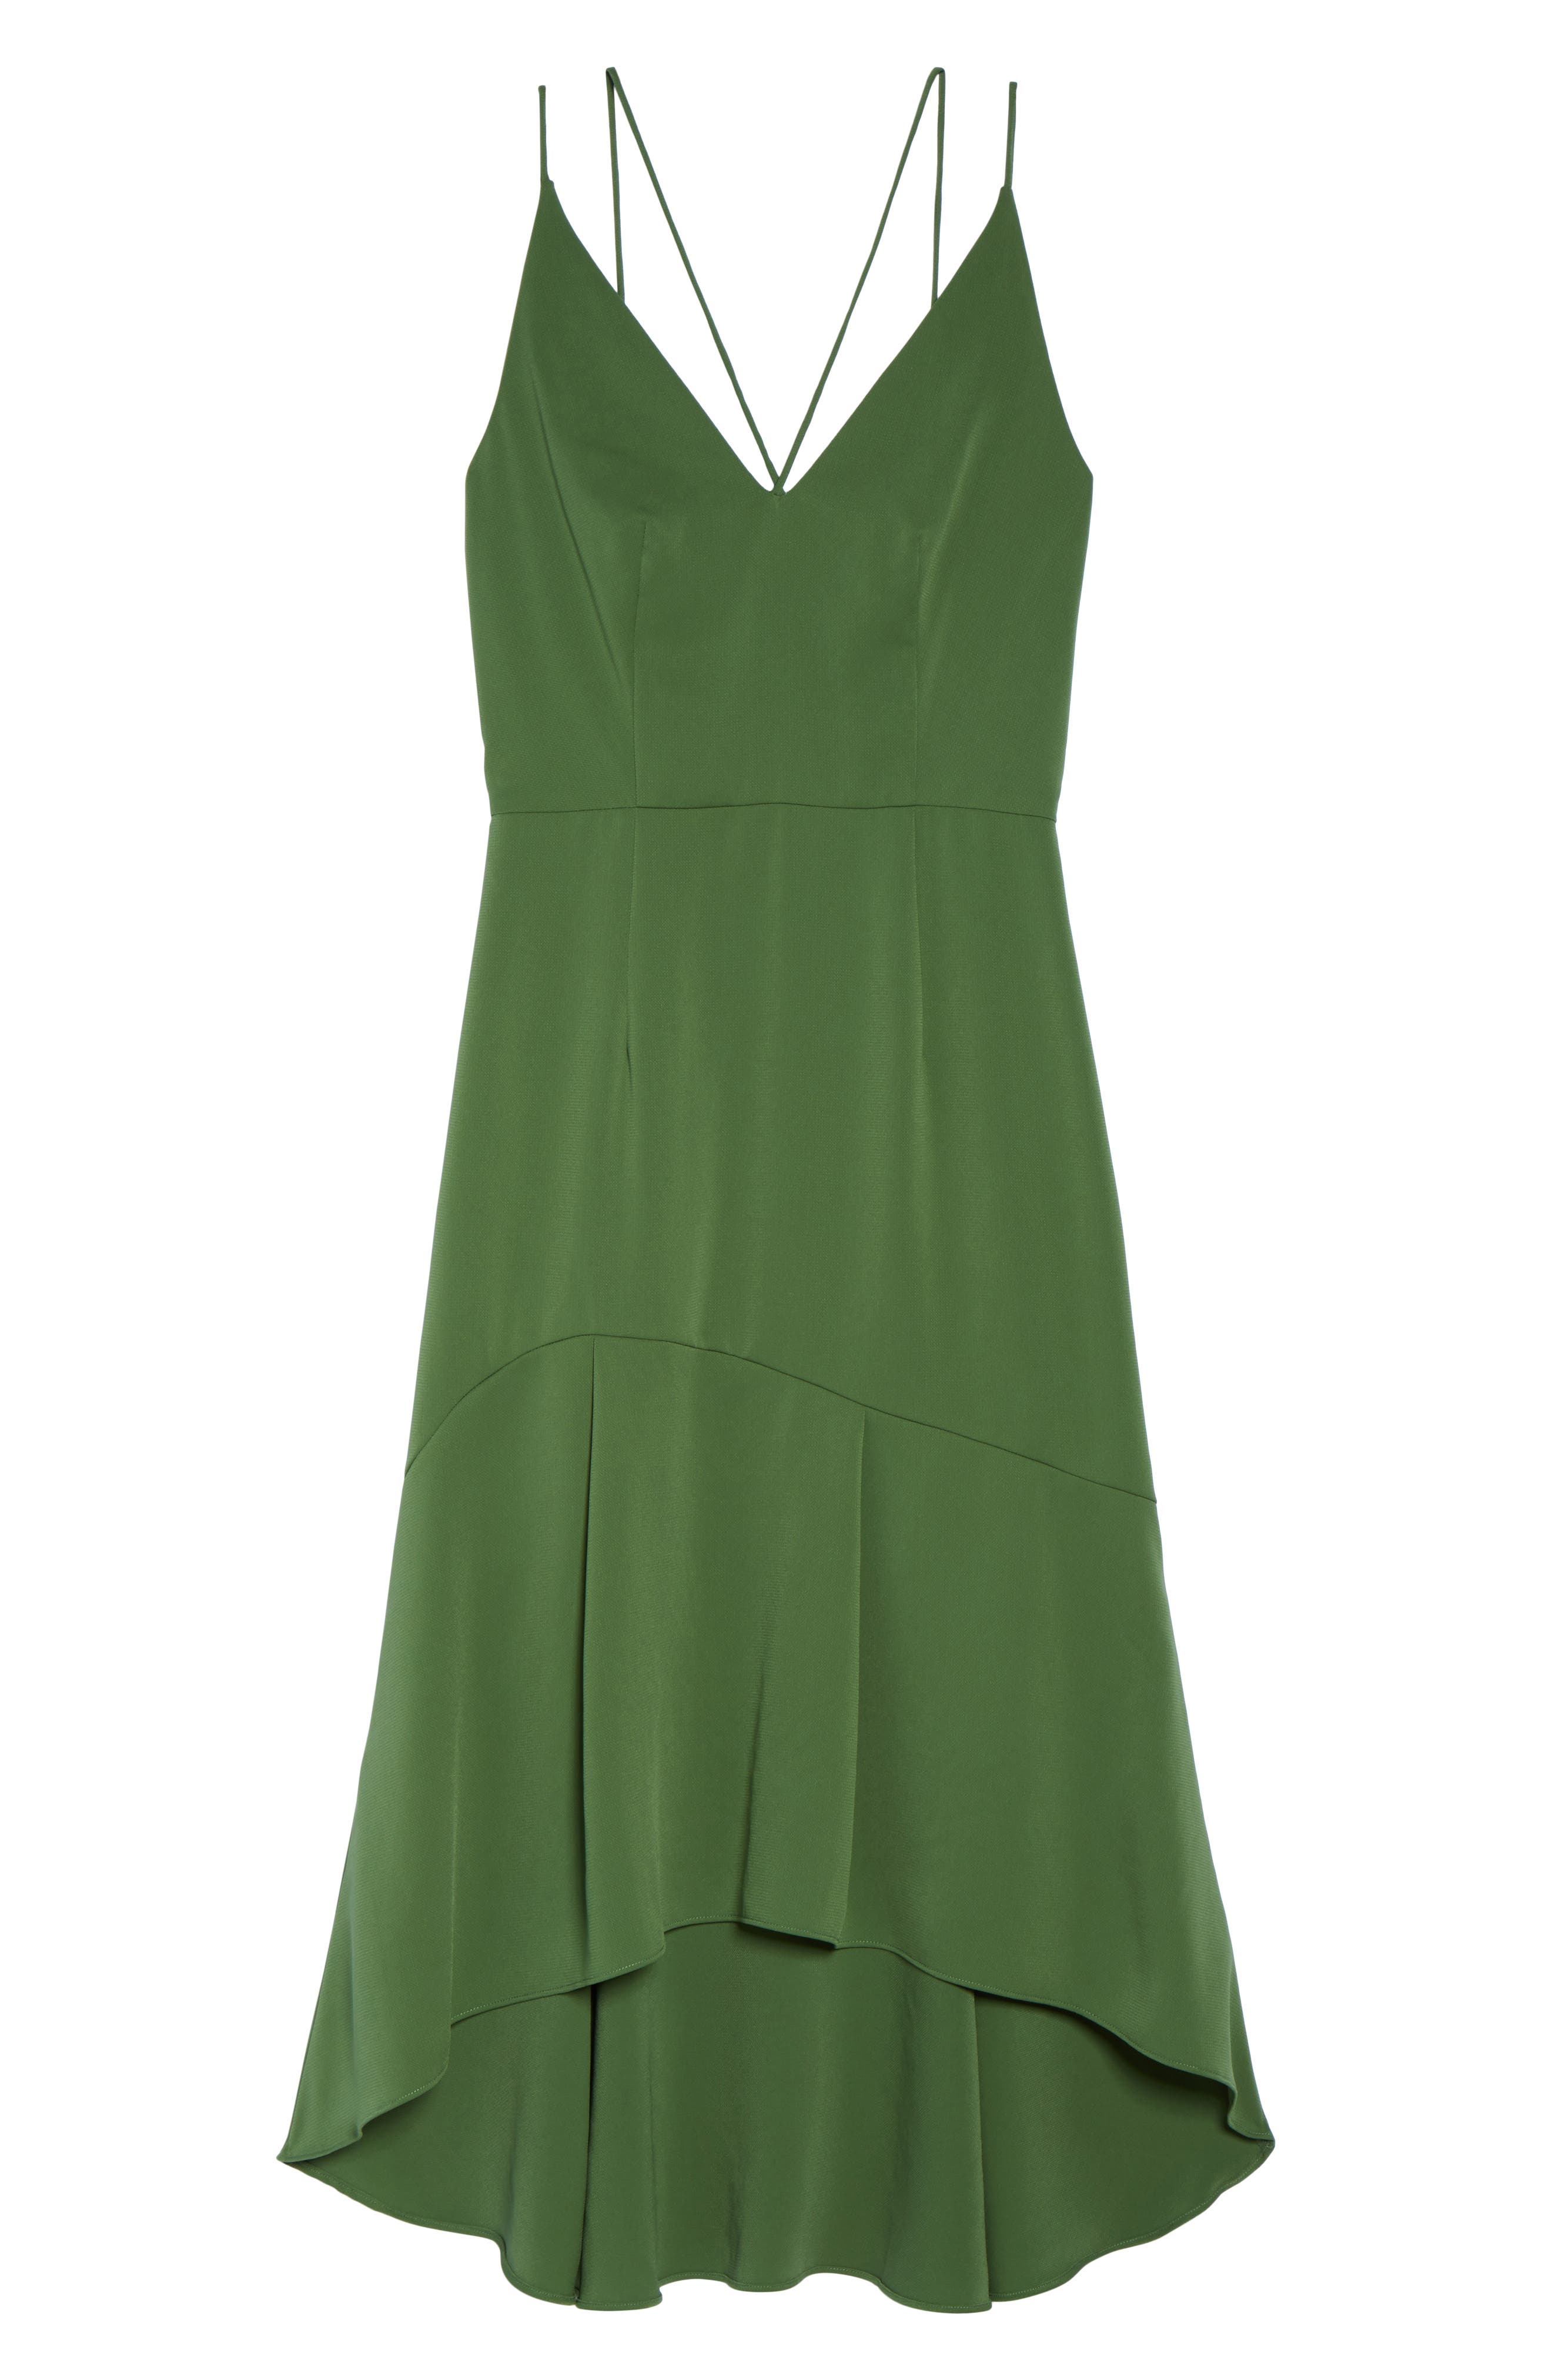 Lovine Midi Dress,                             Alternate thumbnail 6, color,                             301